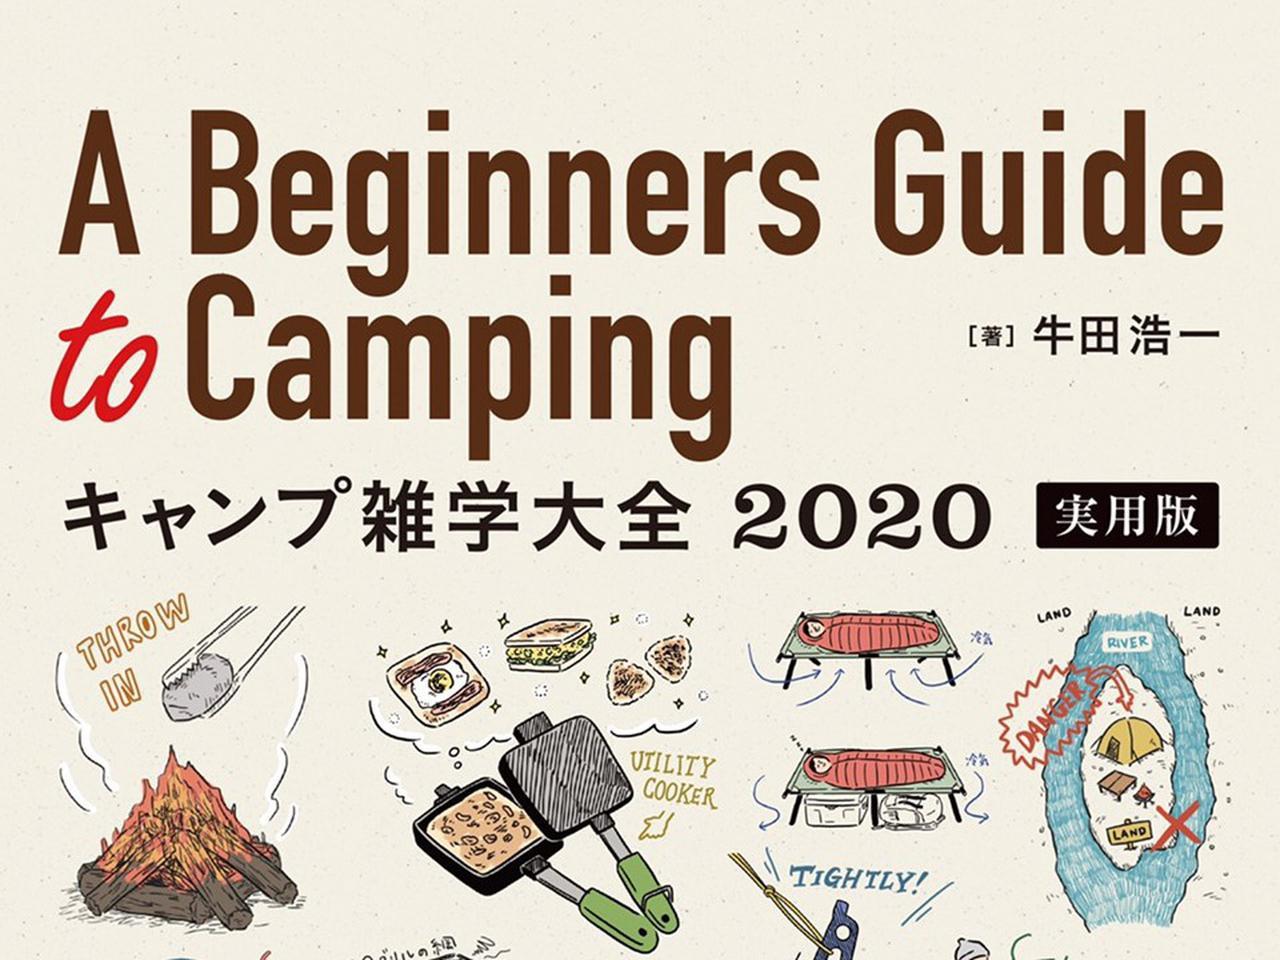 画像: 【おすすめ】ベテランキャンパーの知恵で溢れた一冊!「キャンプ雑学大全 2020 実用版」は最高の教科書!【動画付き】 - ハピキャン(HAPPY CAMPER)